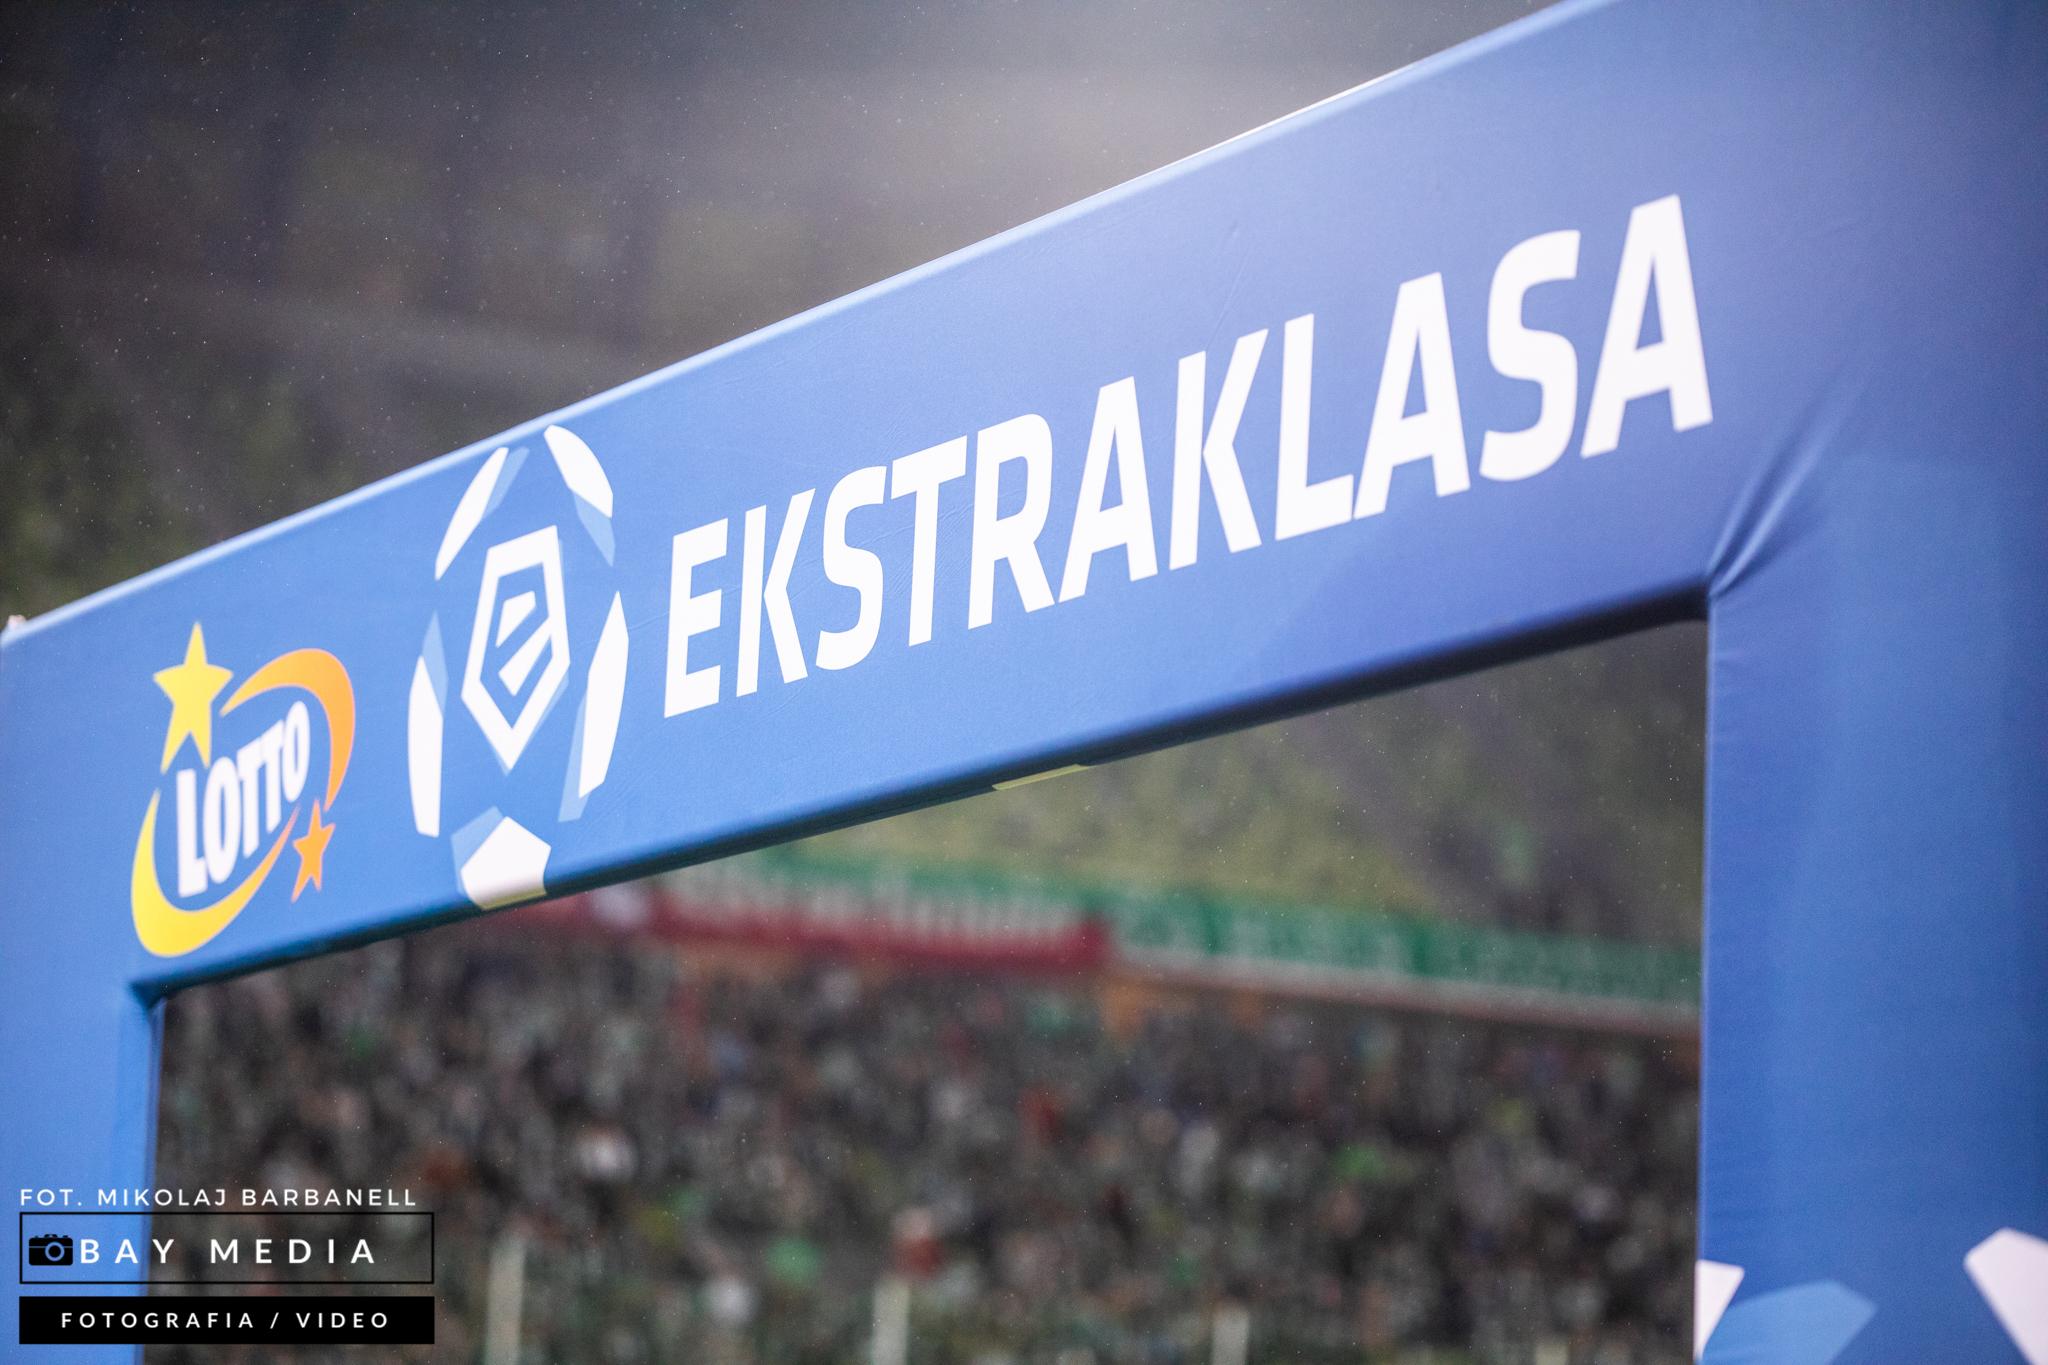 e88aad094 LOTTO Ekstraklasa / fot. Mikołaj Barbanell (Piłkarski Świat). Ekstraklasa  S.A. ogłosiła terminarz rozgrywek na nowy sezon 2019/2020. Liga ...